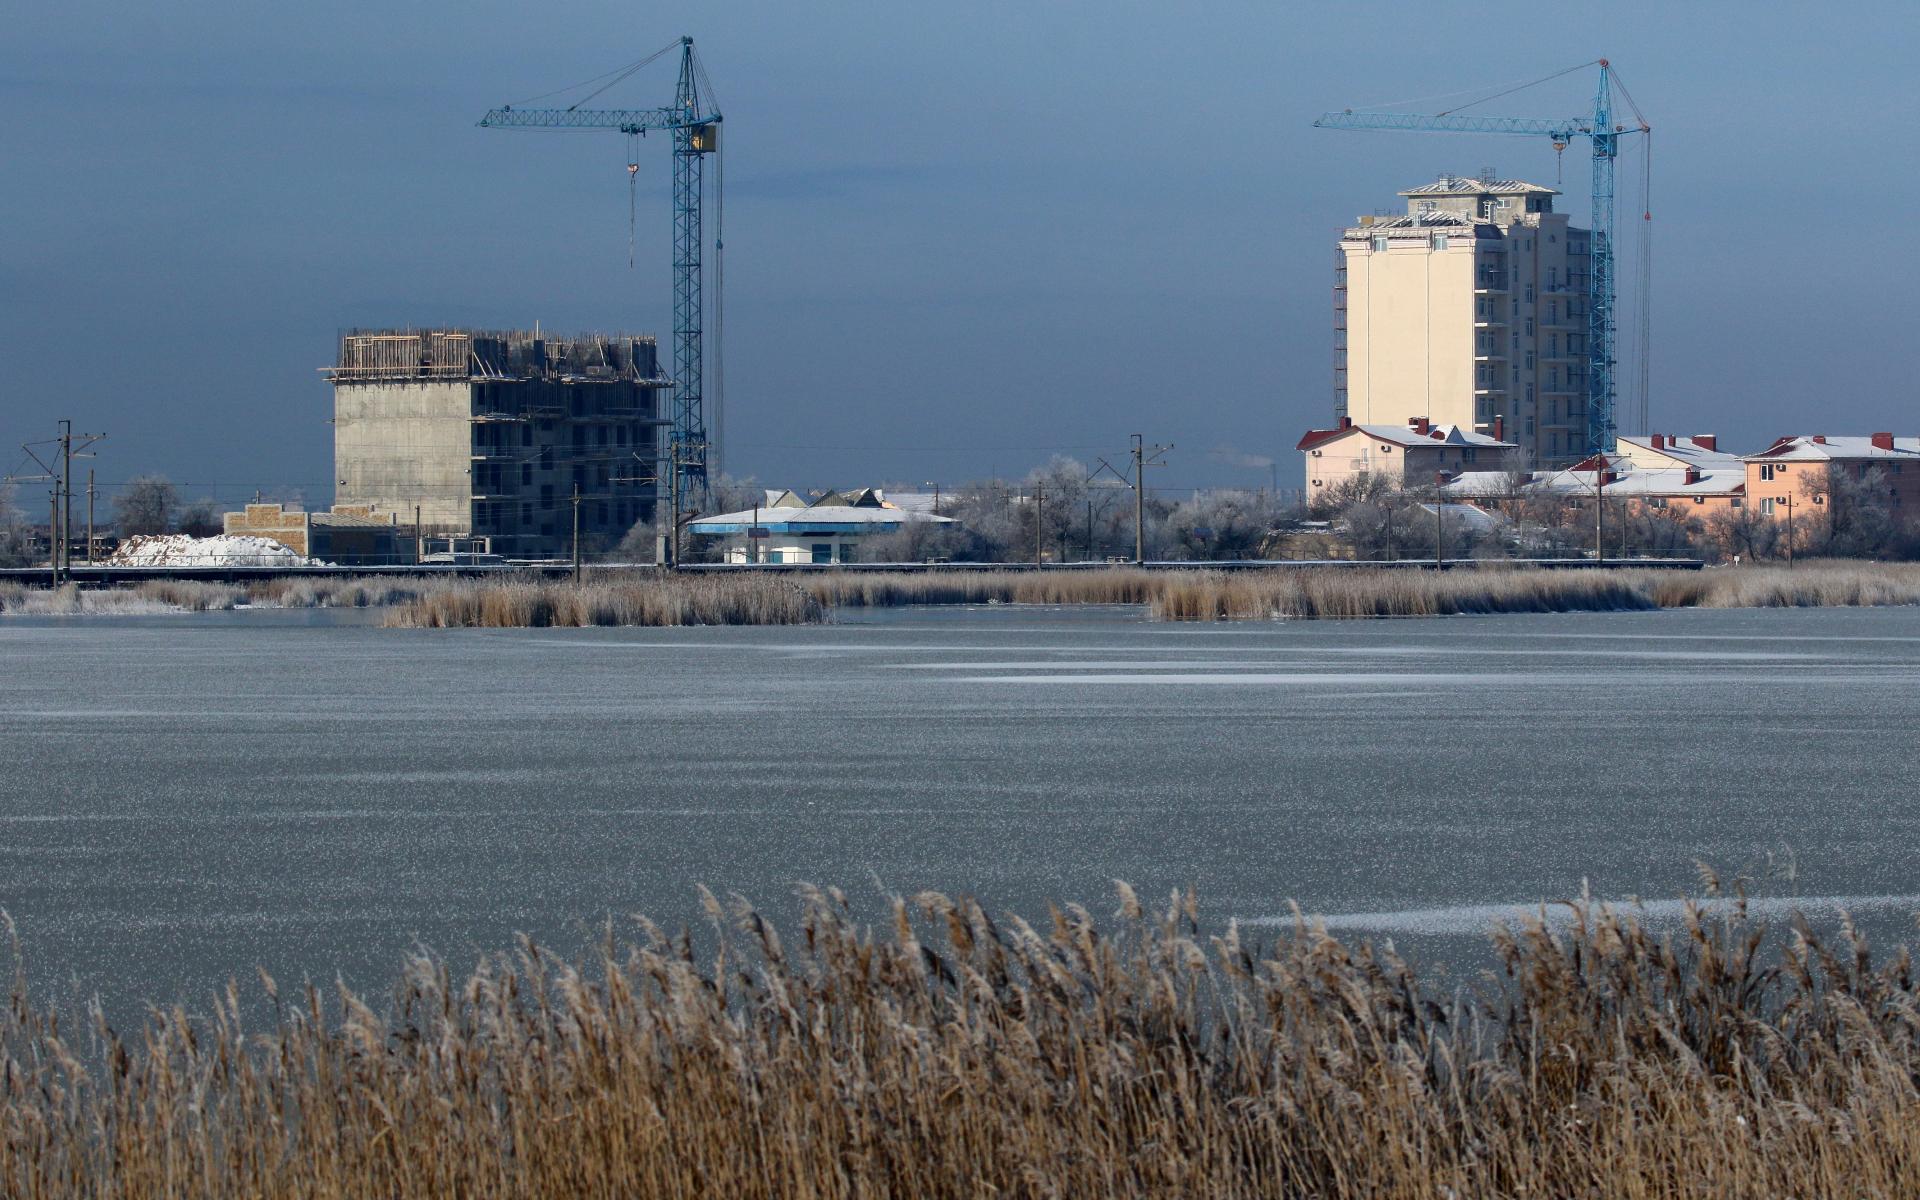 Фото: Алексей Павлишак/ТАСС